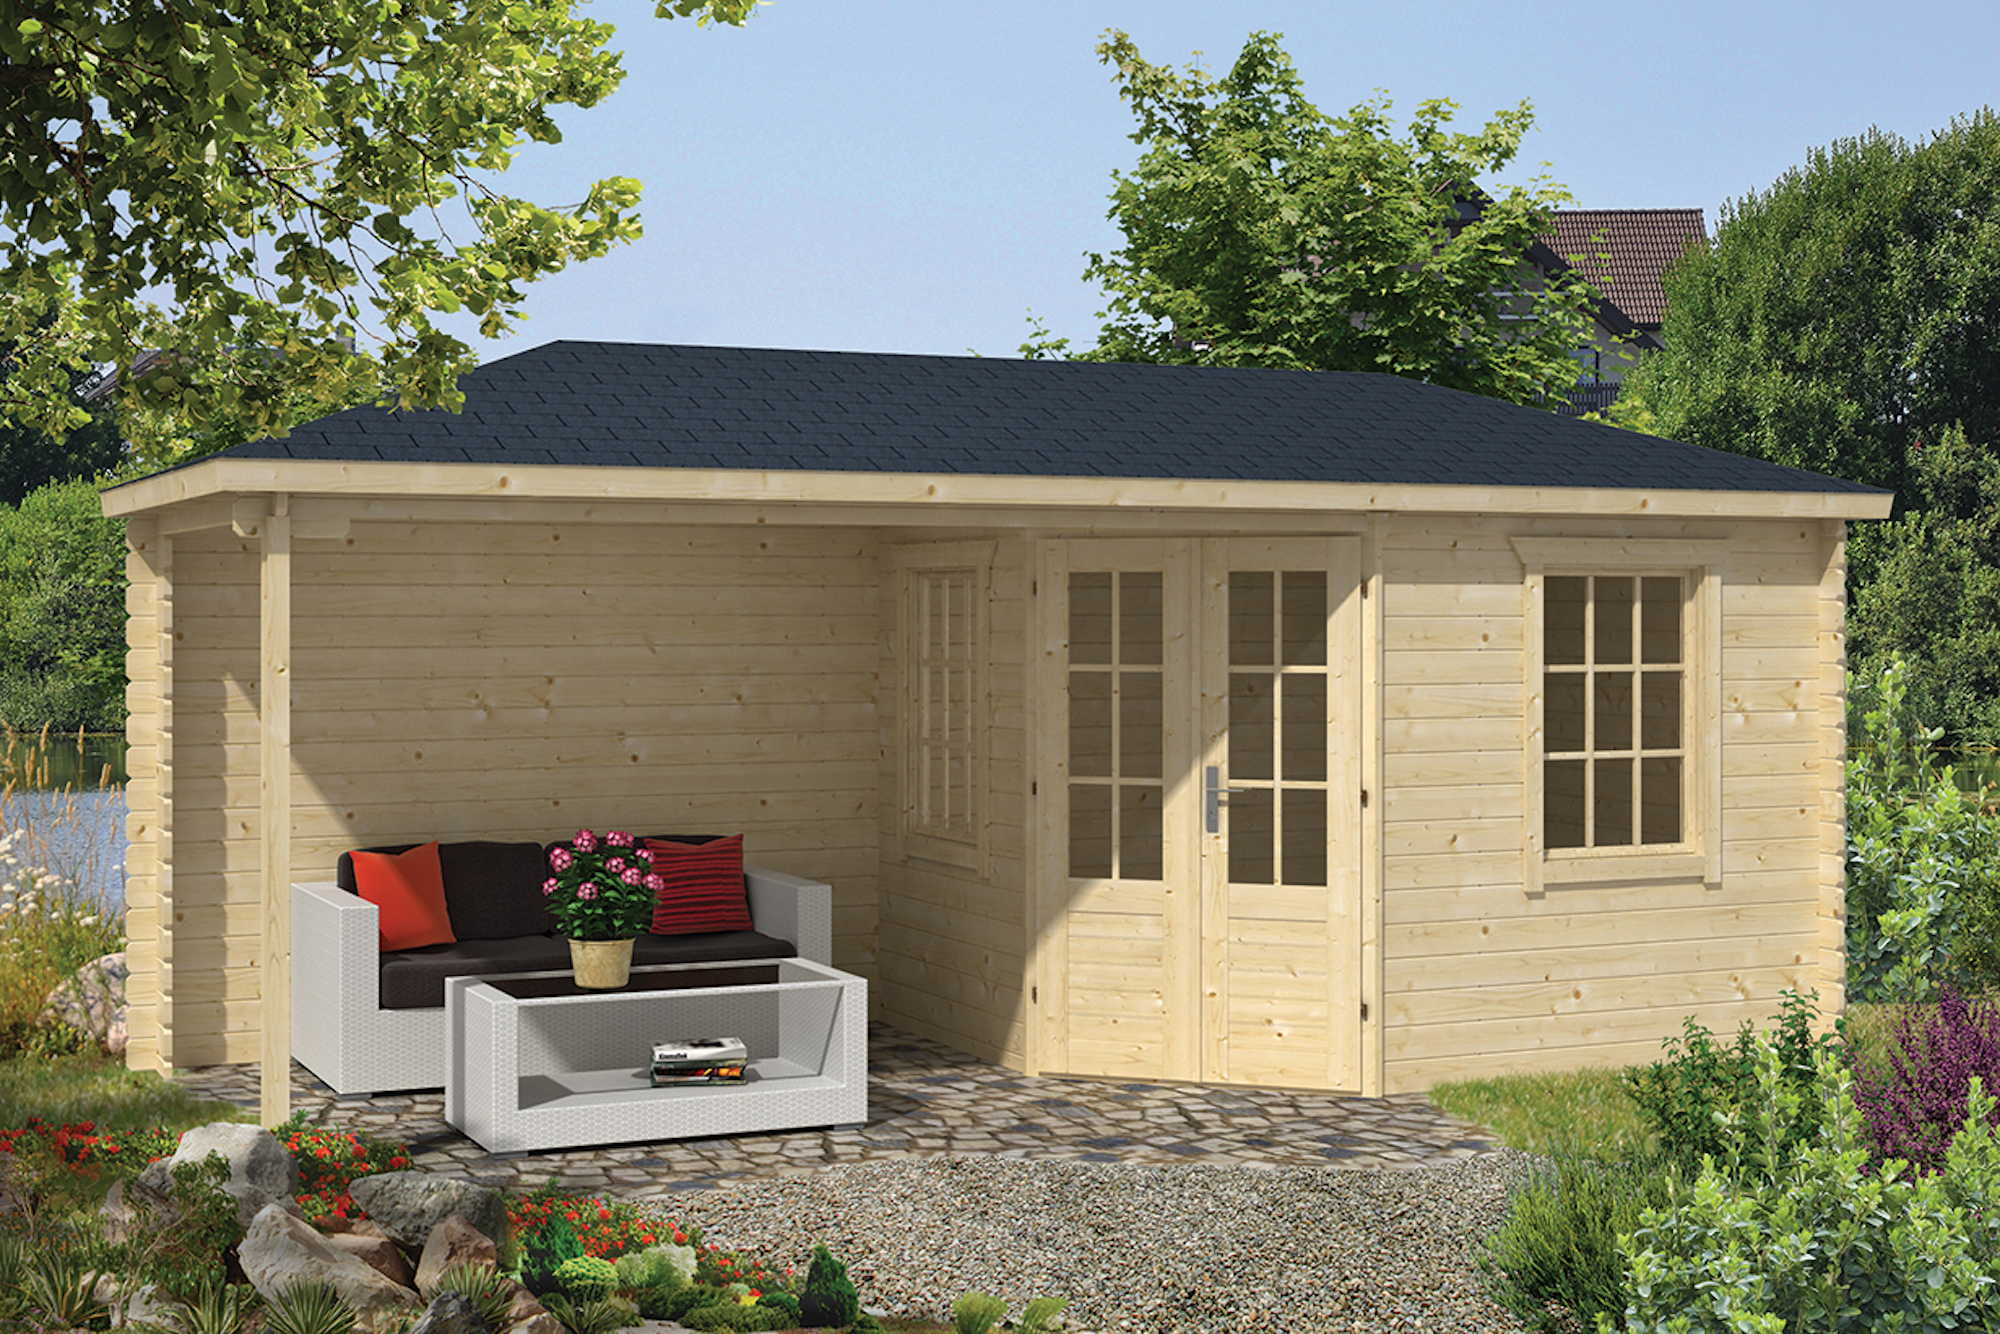 niklas corner log cabin with side canopy. Black Bedroom Furniture Sets. Home Design Ideas